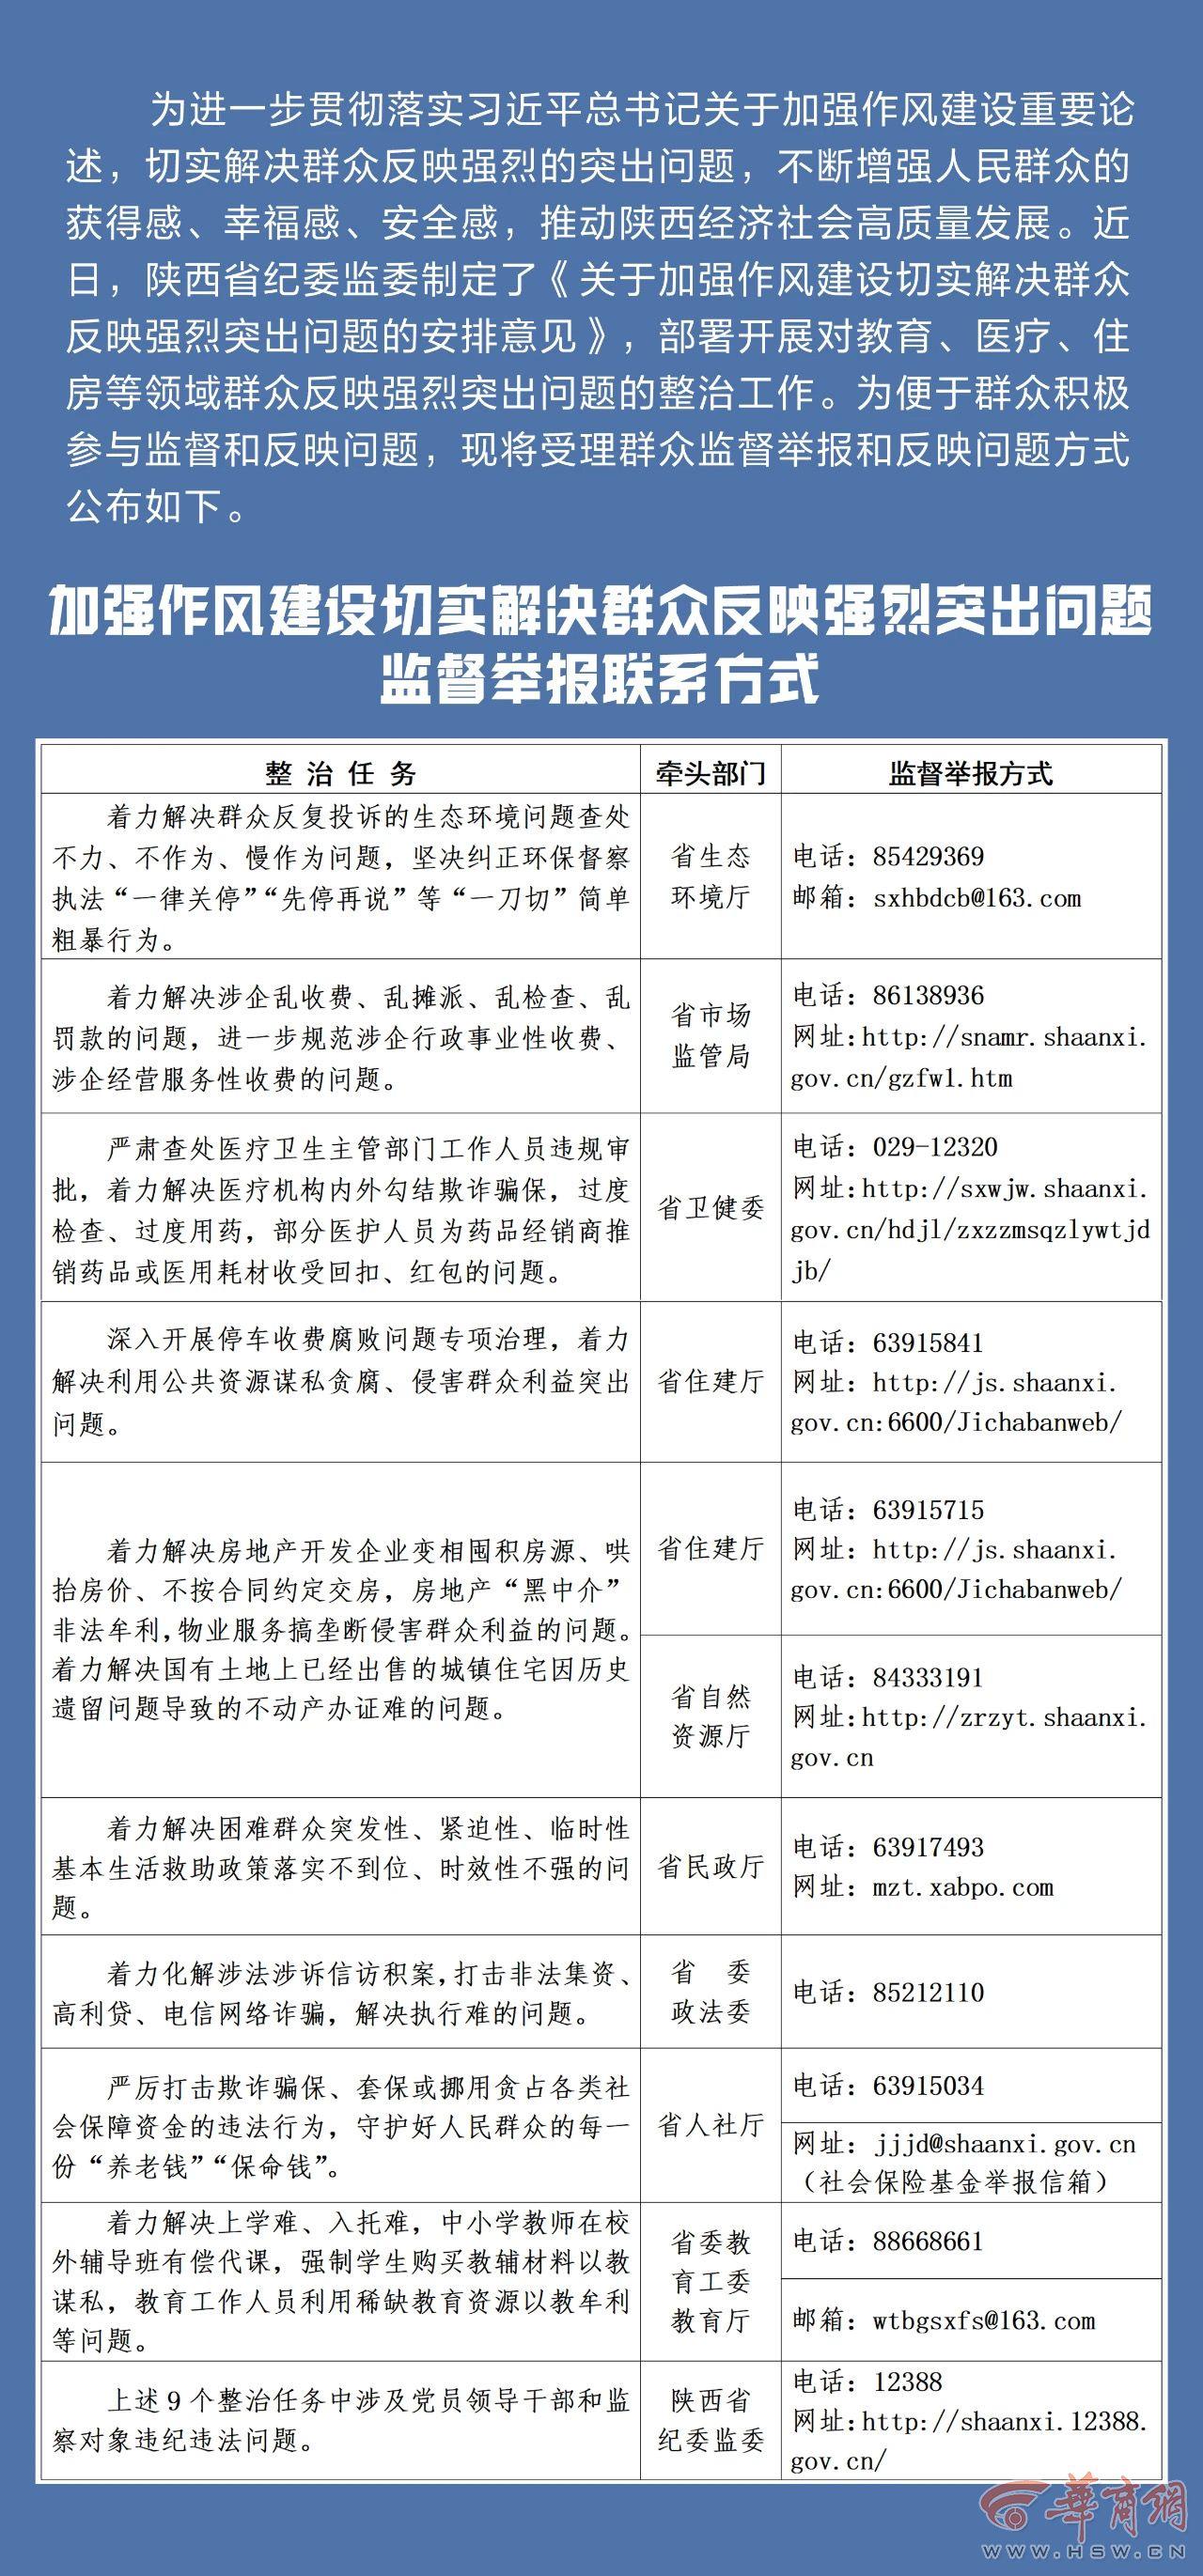 陕西纪委监委公布切实解决群众反映强烈突出问题监督举报方式